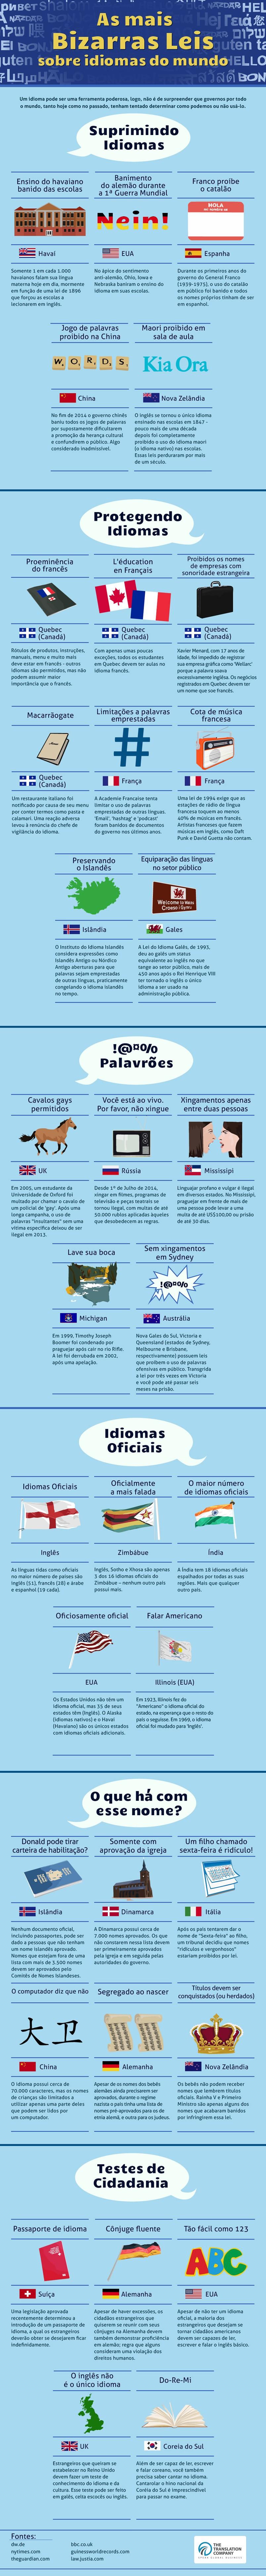 As leis de idioma mais estranhas do mundo